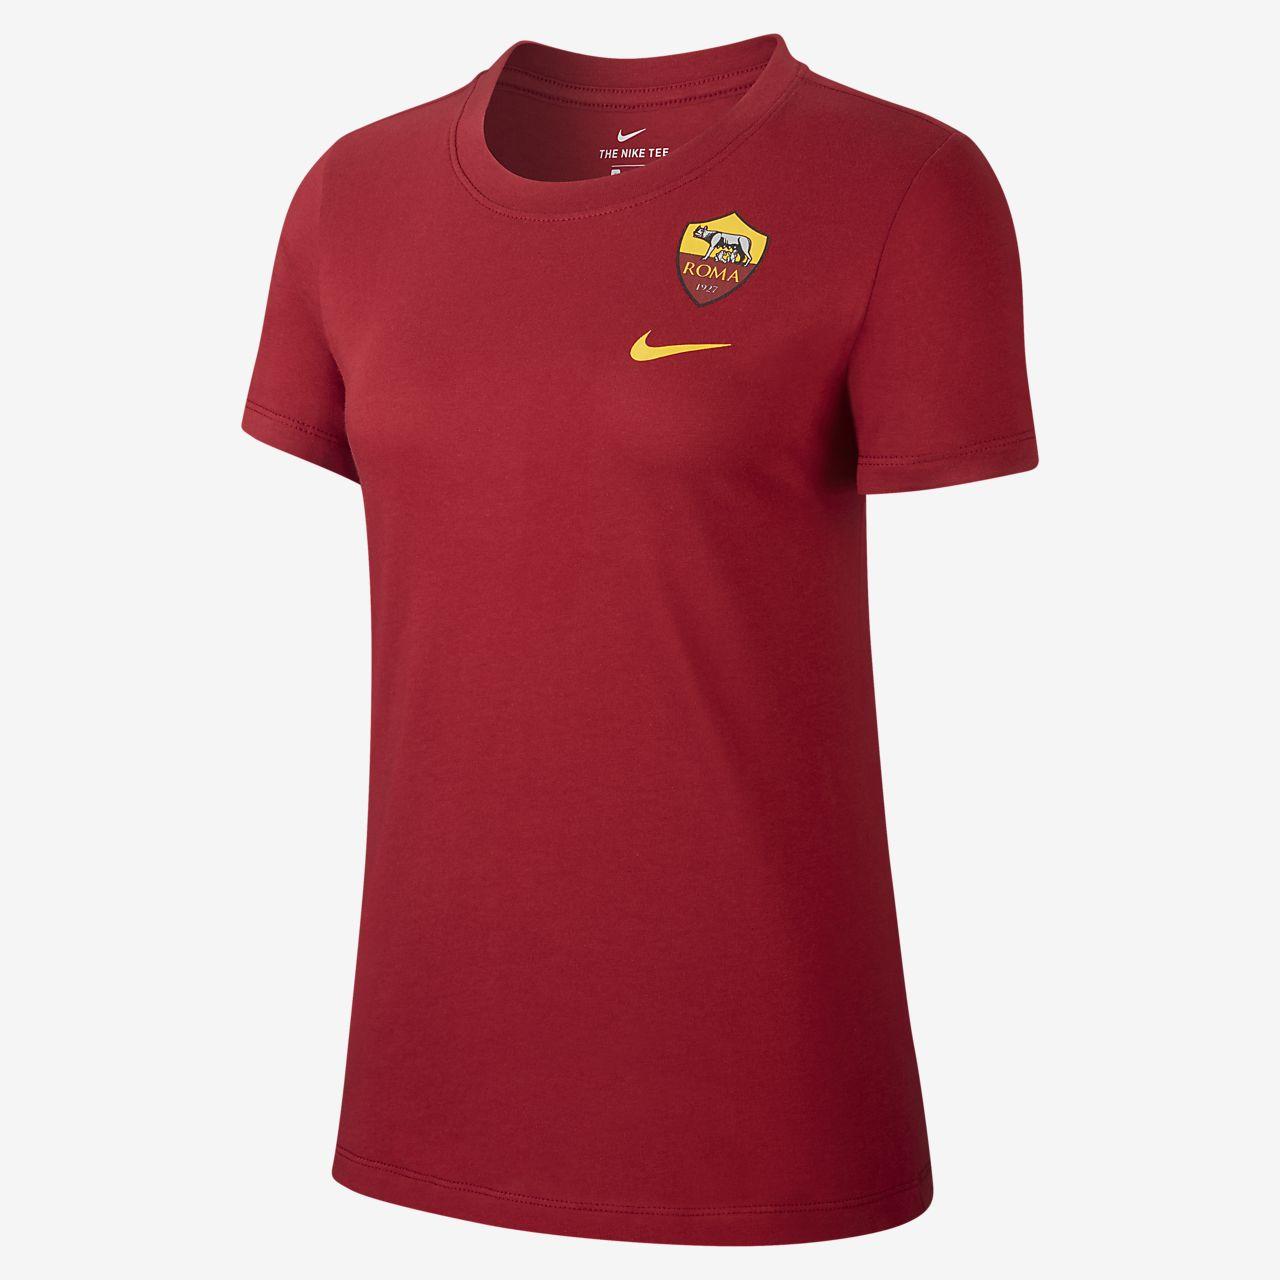 A.S. Roma Kadın Tişörtü